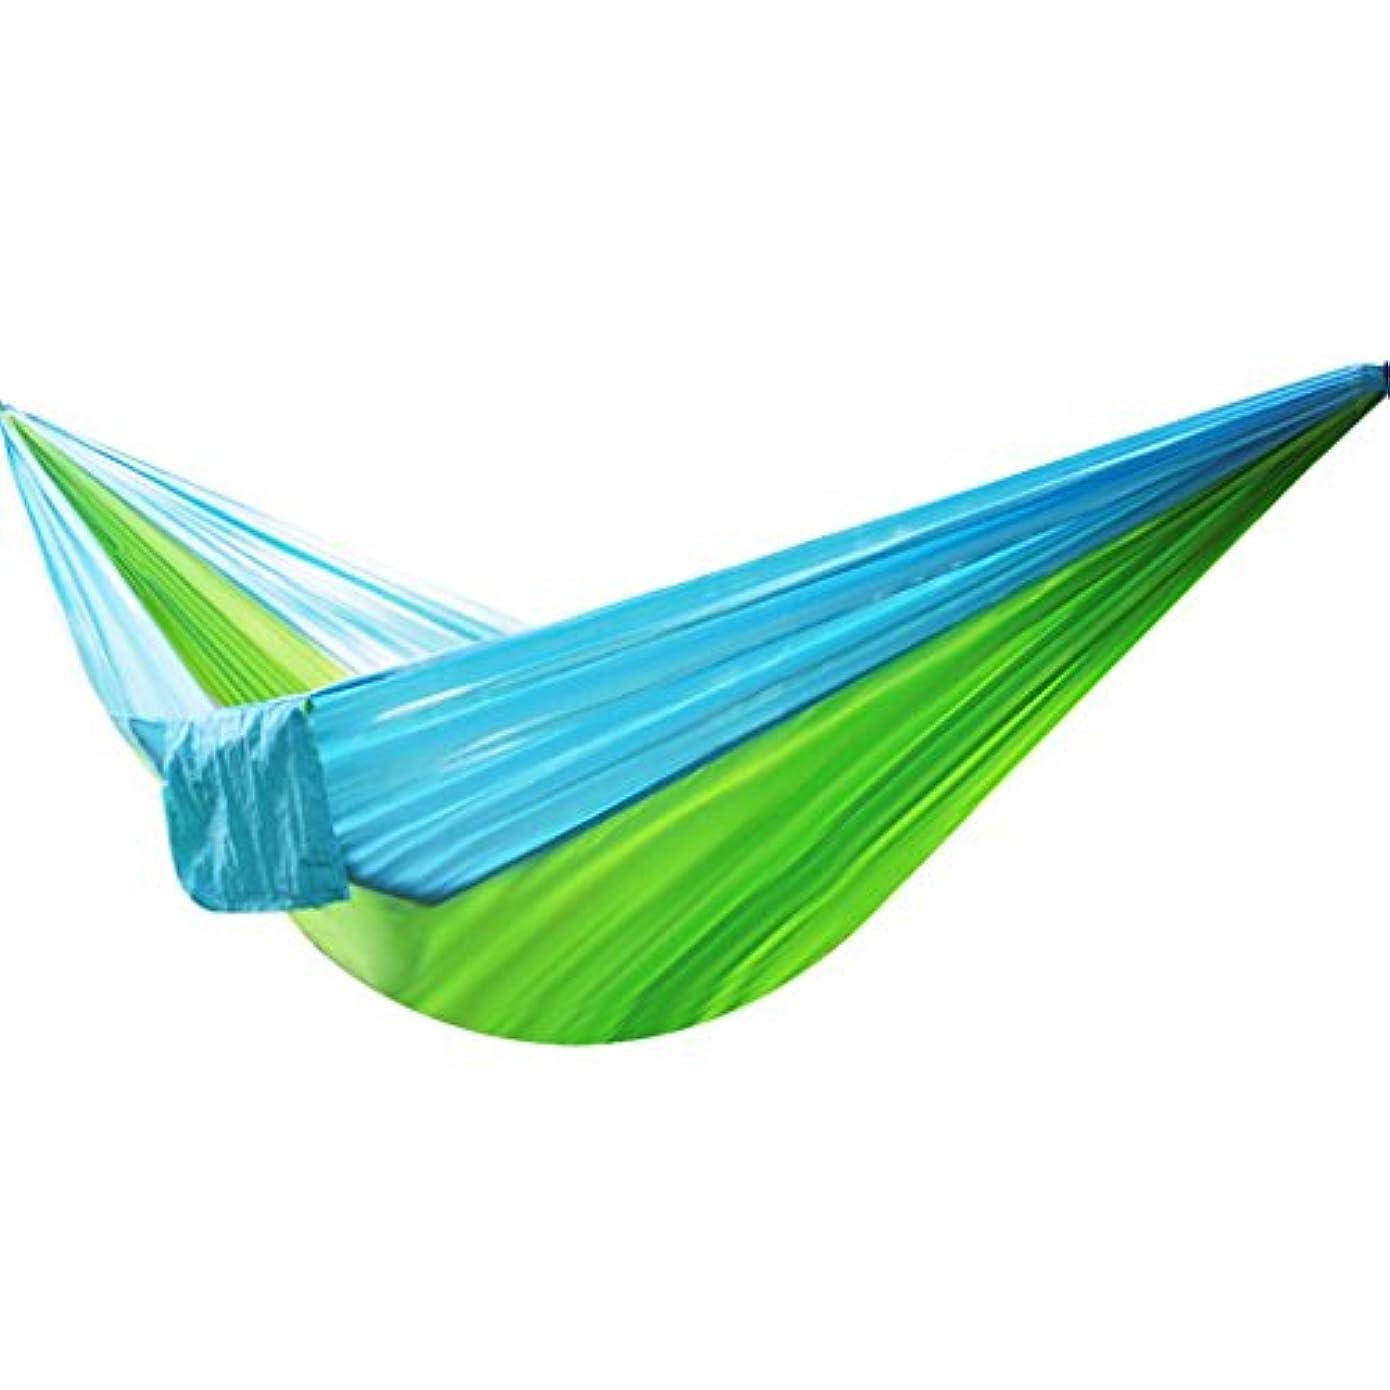 対人トラフィックやさしくハンモック アウトドアキャンプハンモックパラシュート布ダブルハンモック250 * 130cm (Color : A)